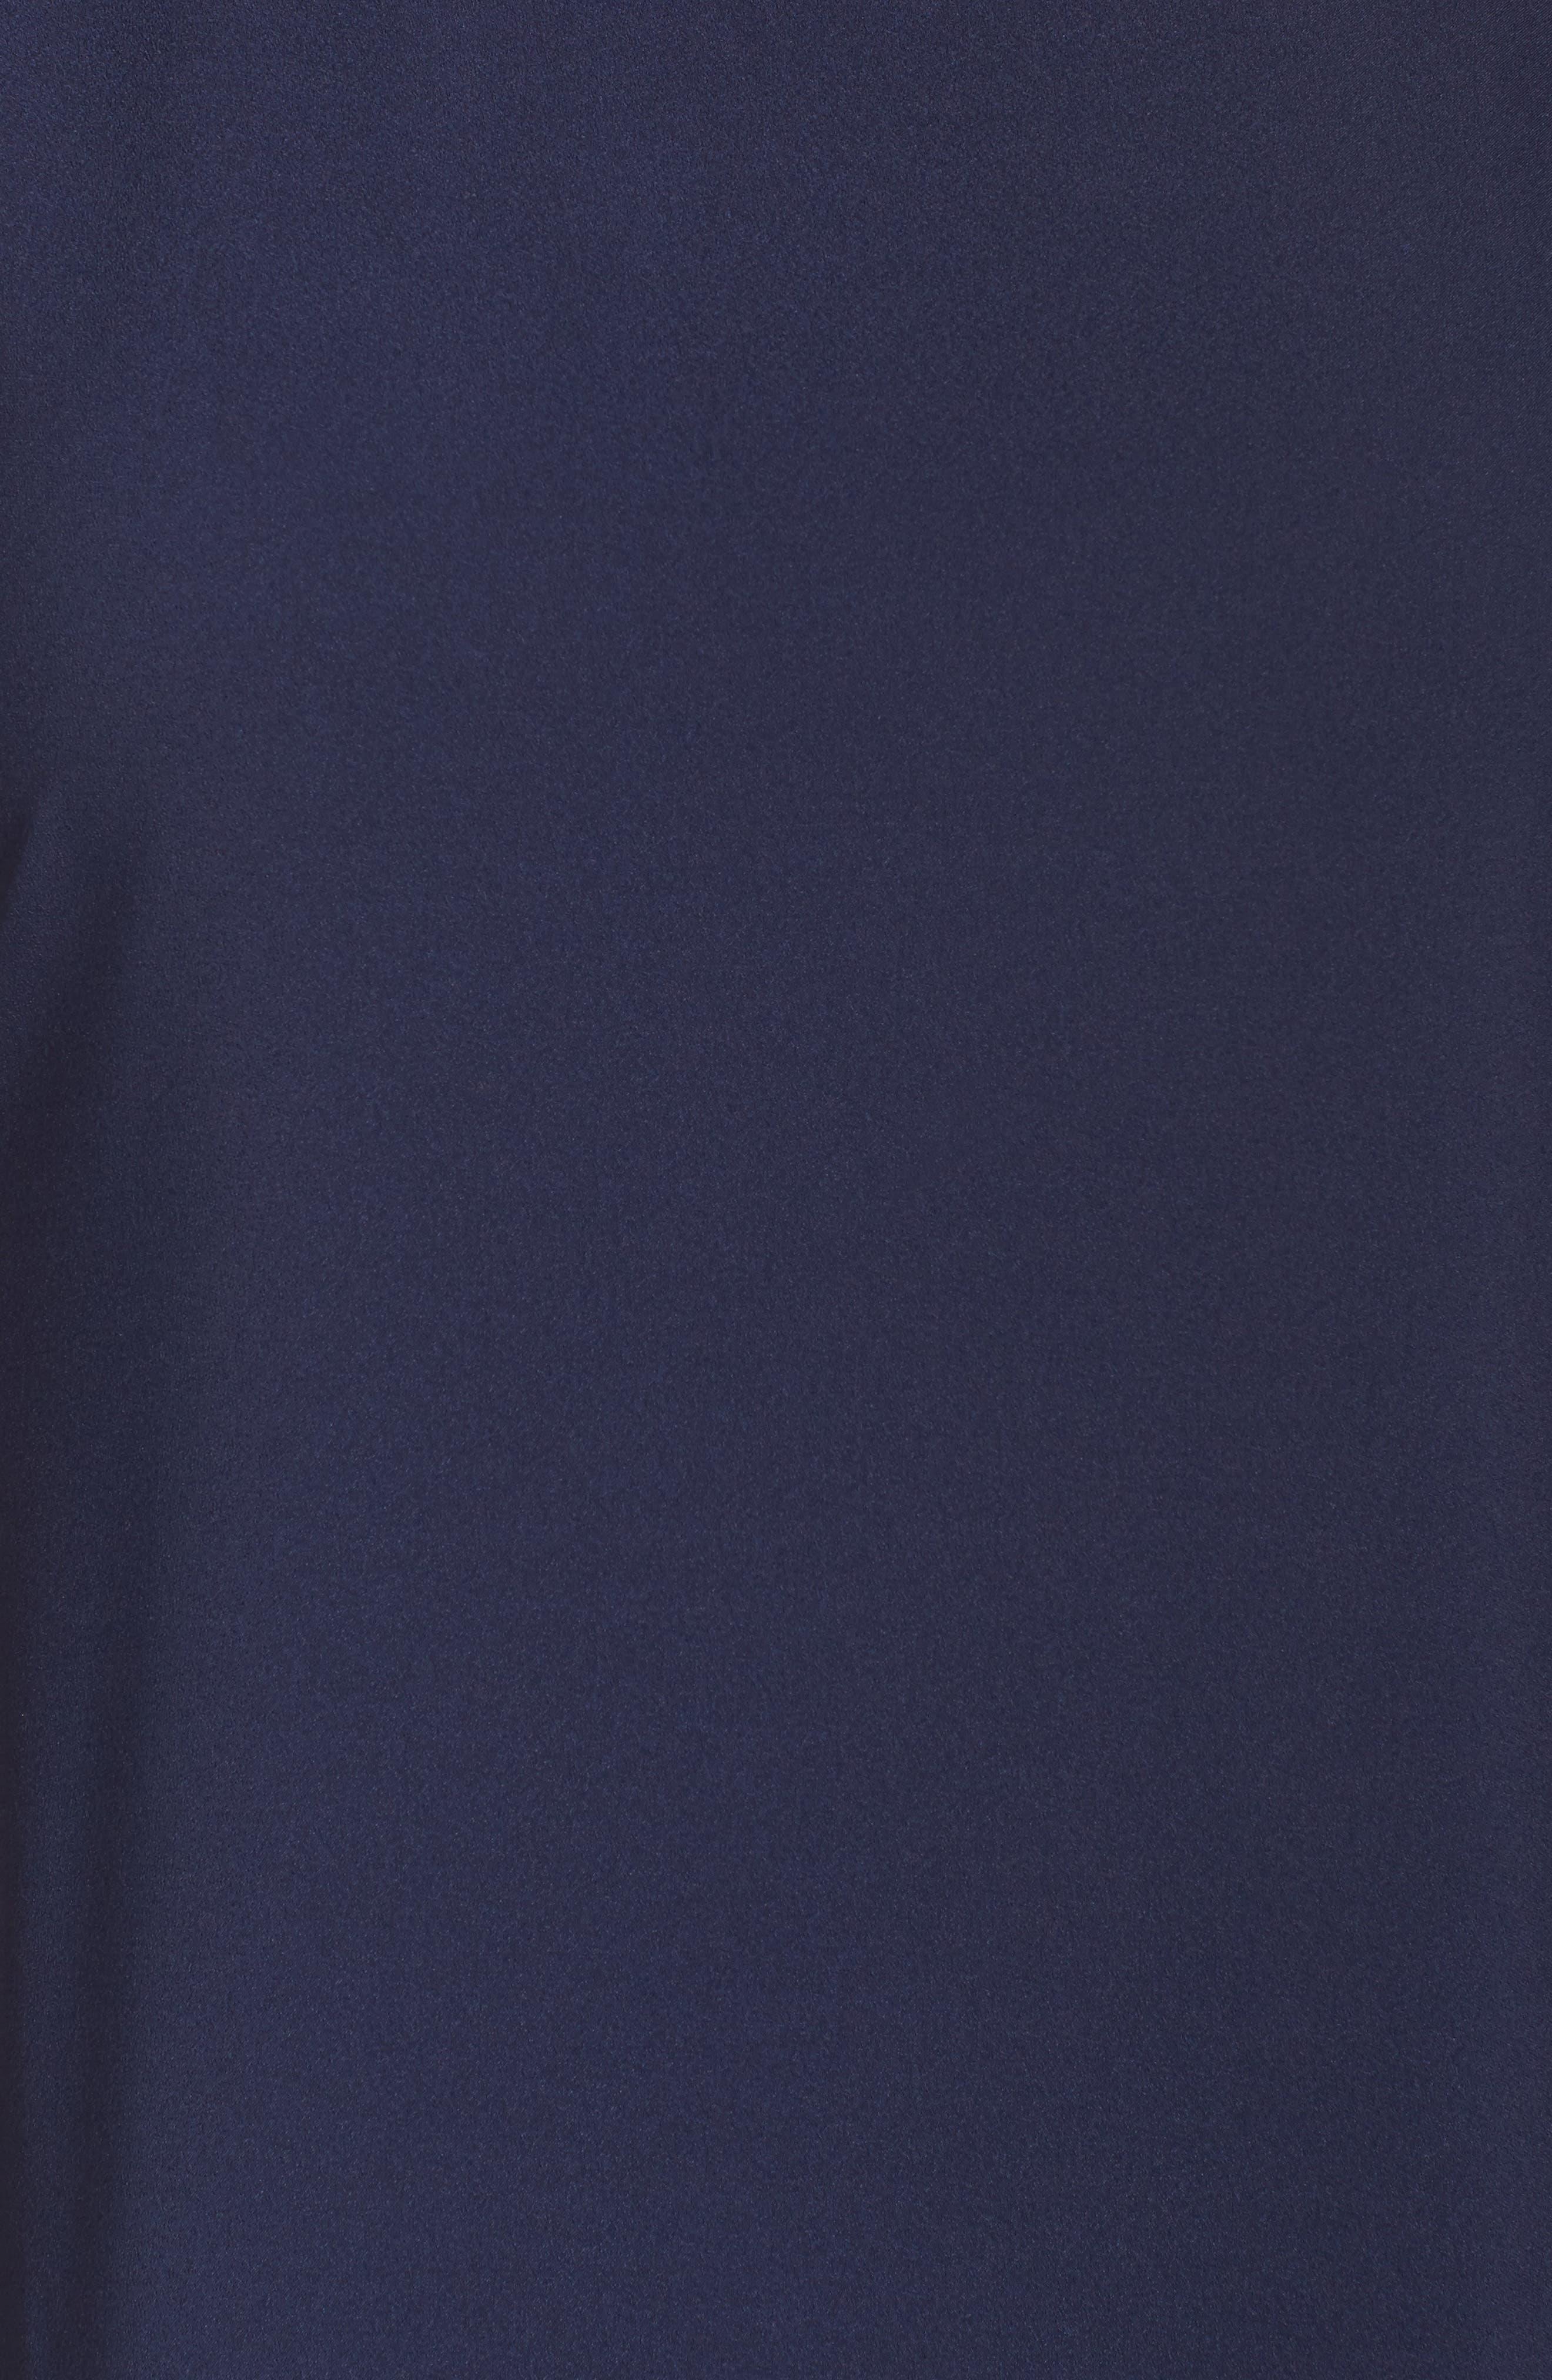 Embellished Slit Sleeve Blouse,                             Alternate thumbnail 5, color,                             410